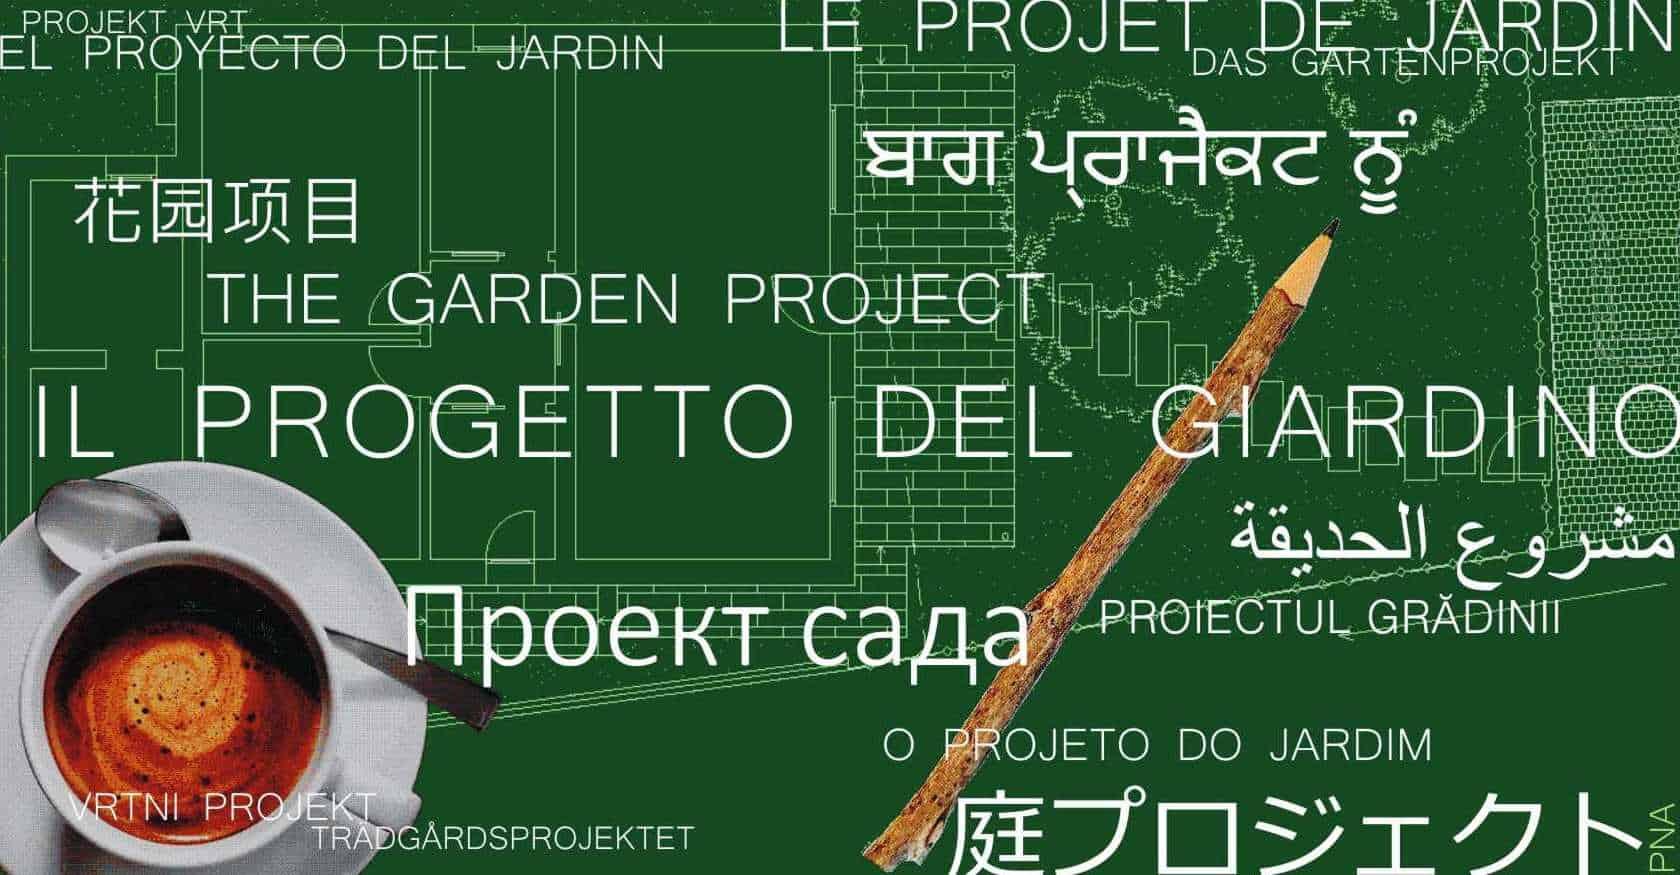 idee per il verde pubblico